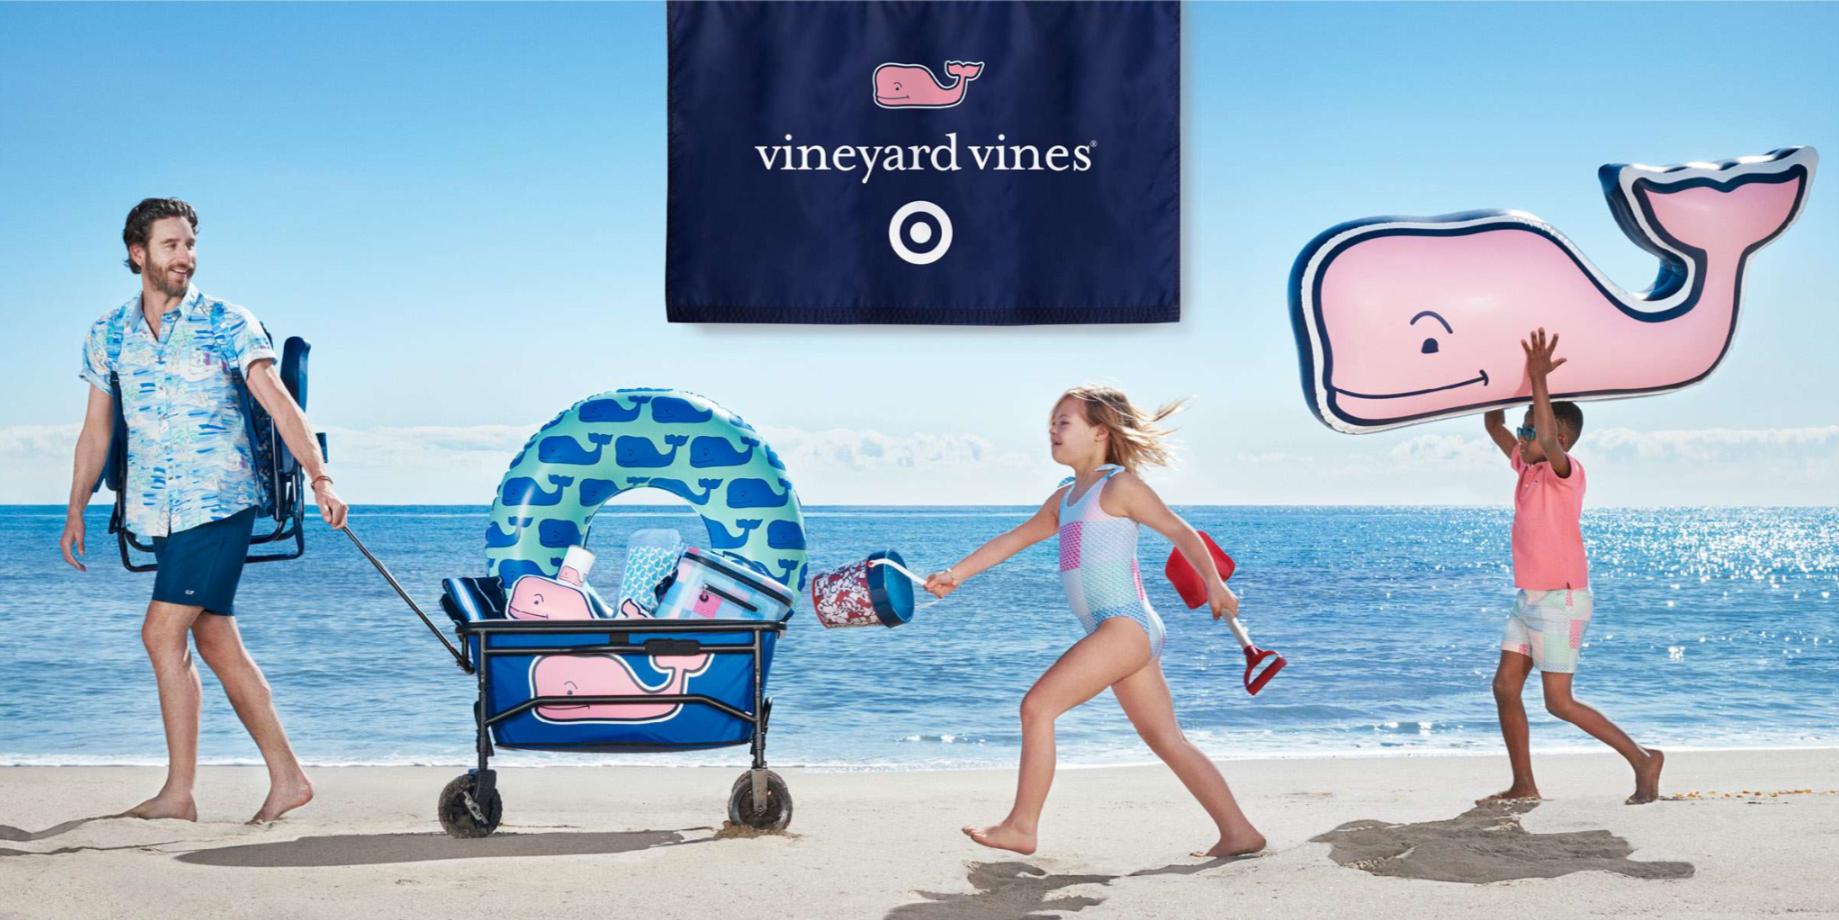 Target + Vineyard Vines